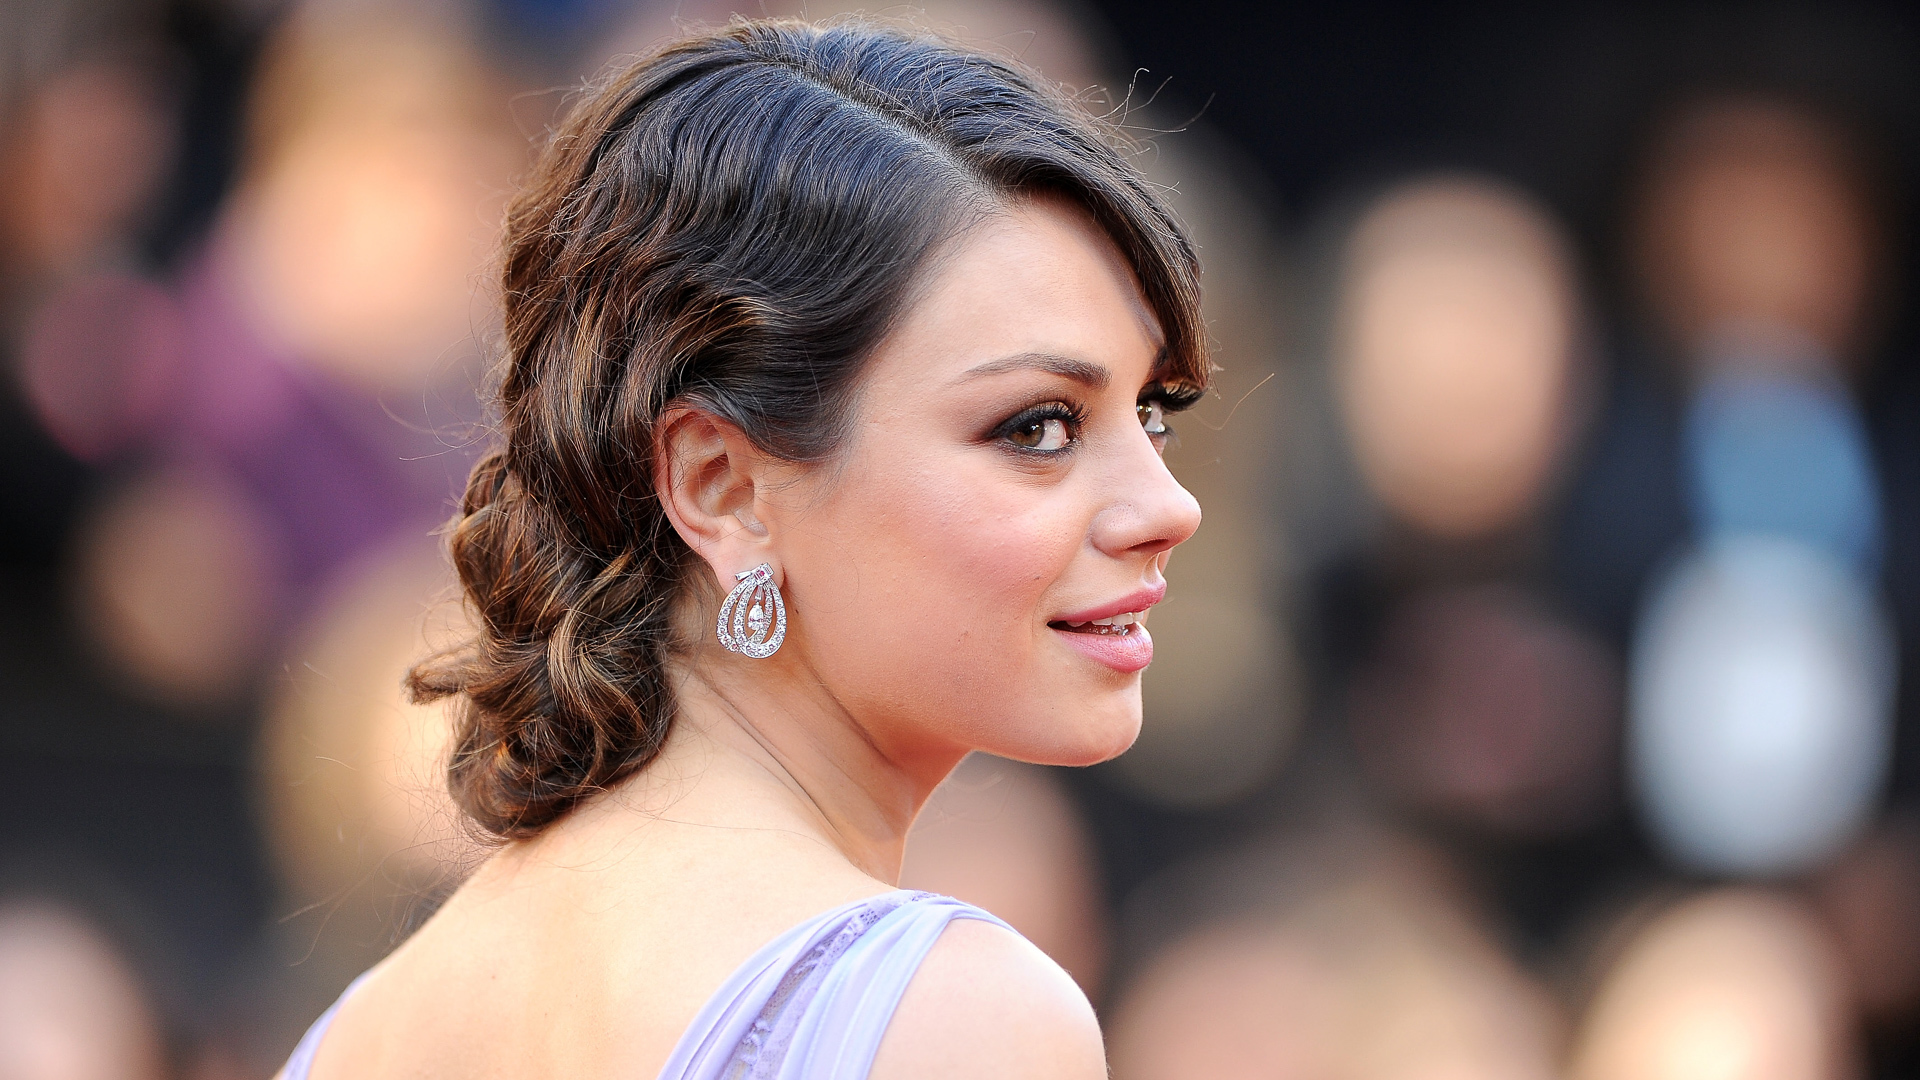 Mila Kunis thu hút bởi vẻ đẹp sắc sảo. Cô kết hôn với nam diễn viên Ashton Kutcher năm 2015 và sống hạnh phúc từ đó đến nay.